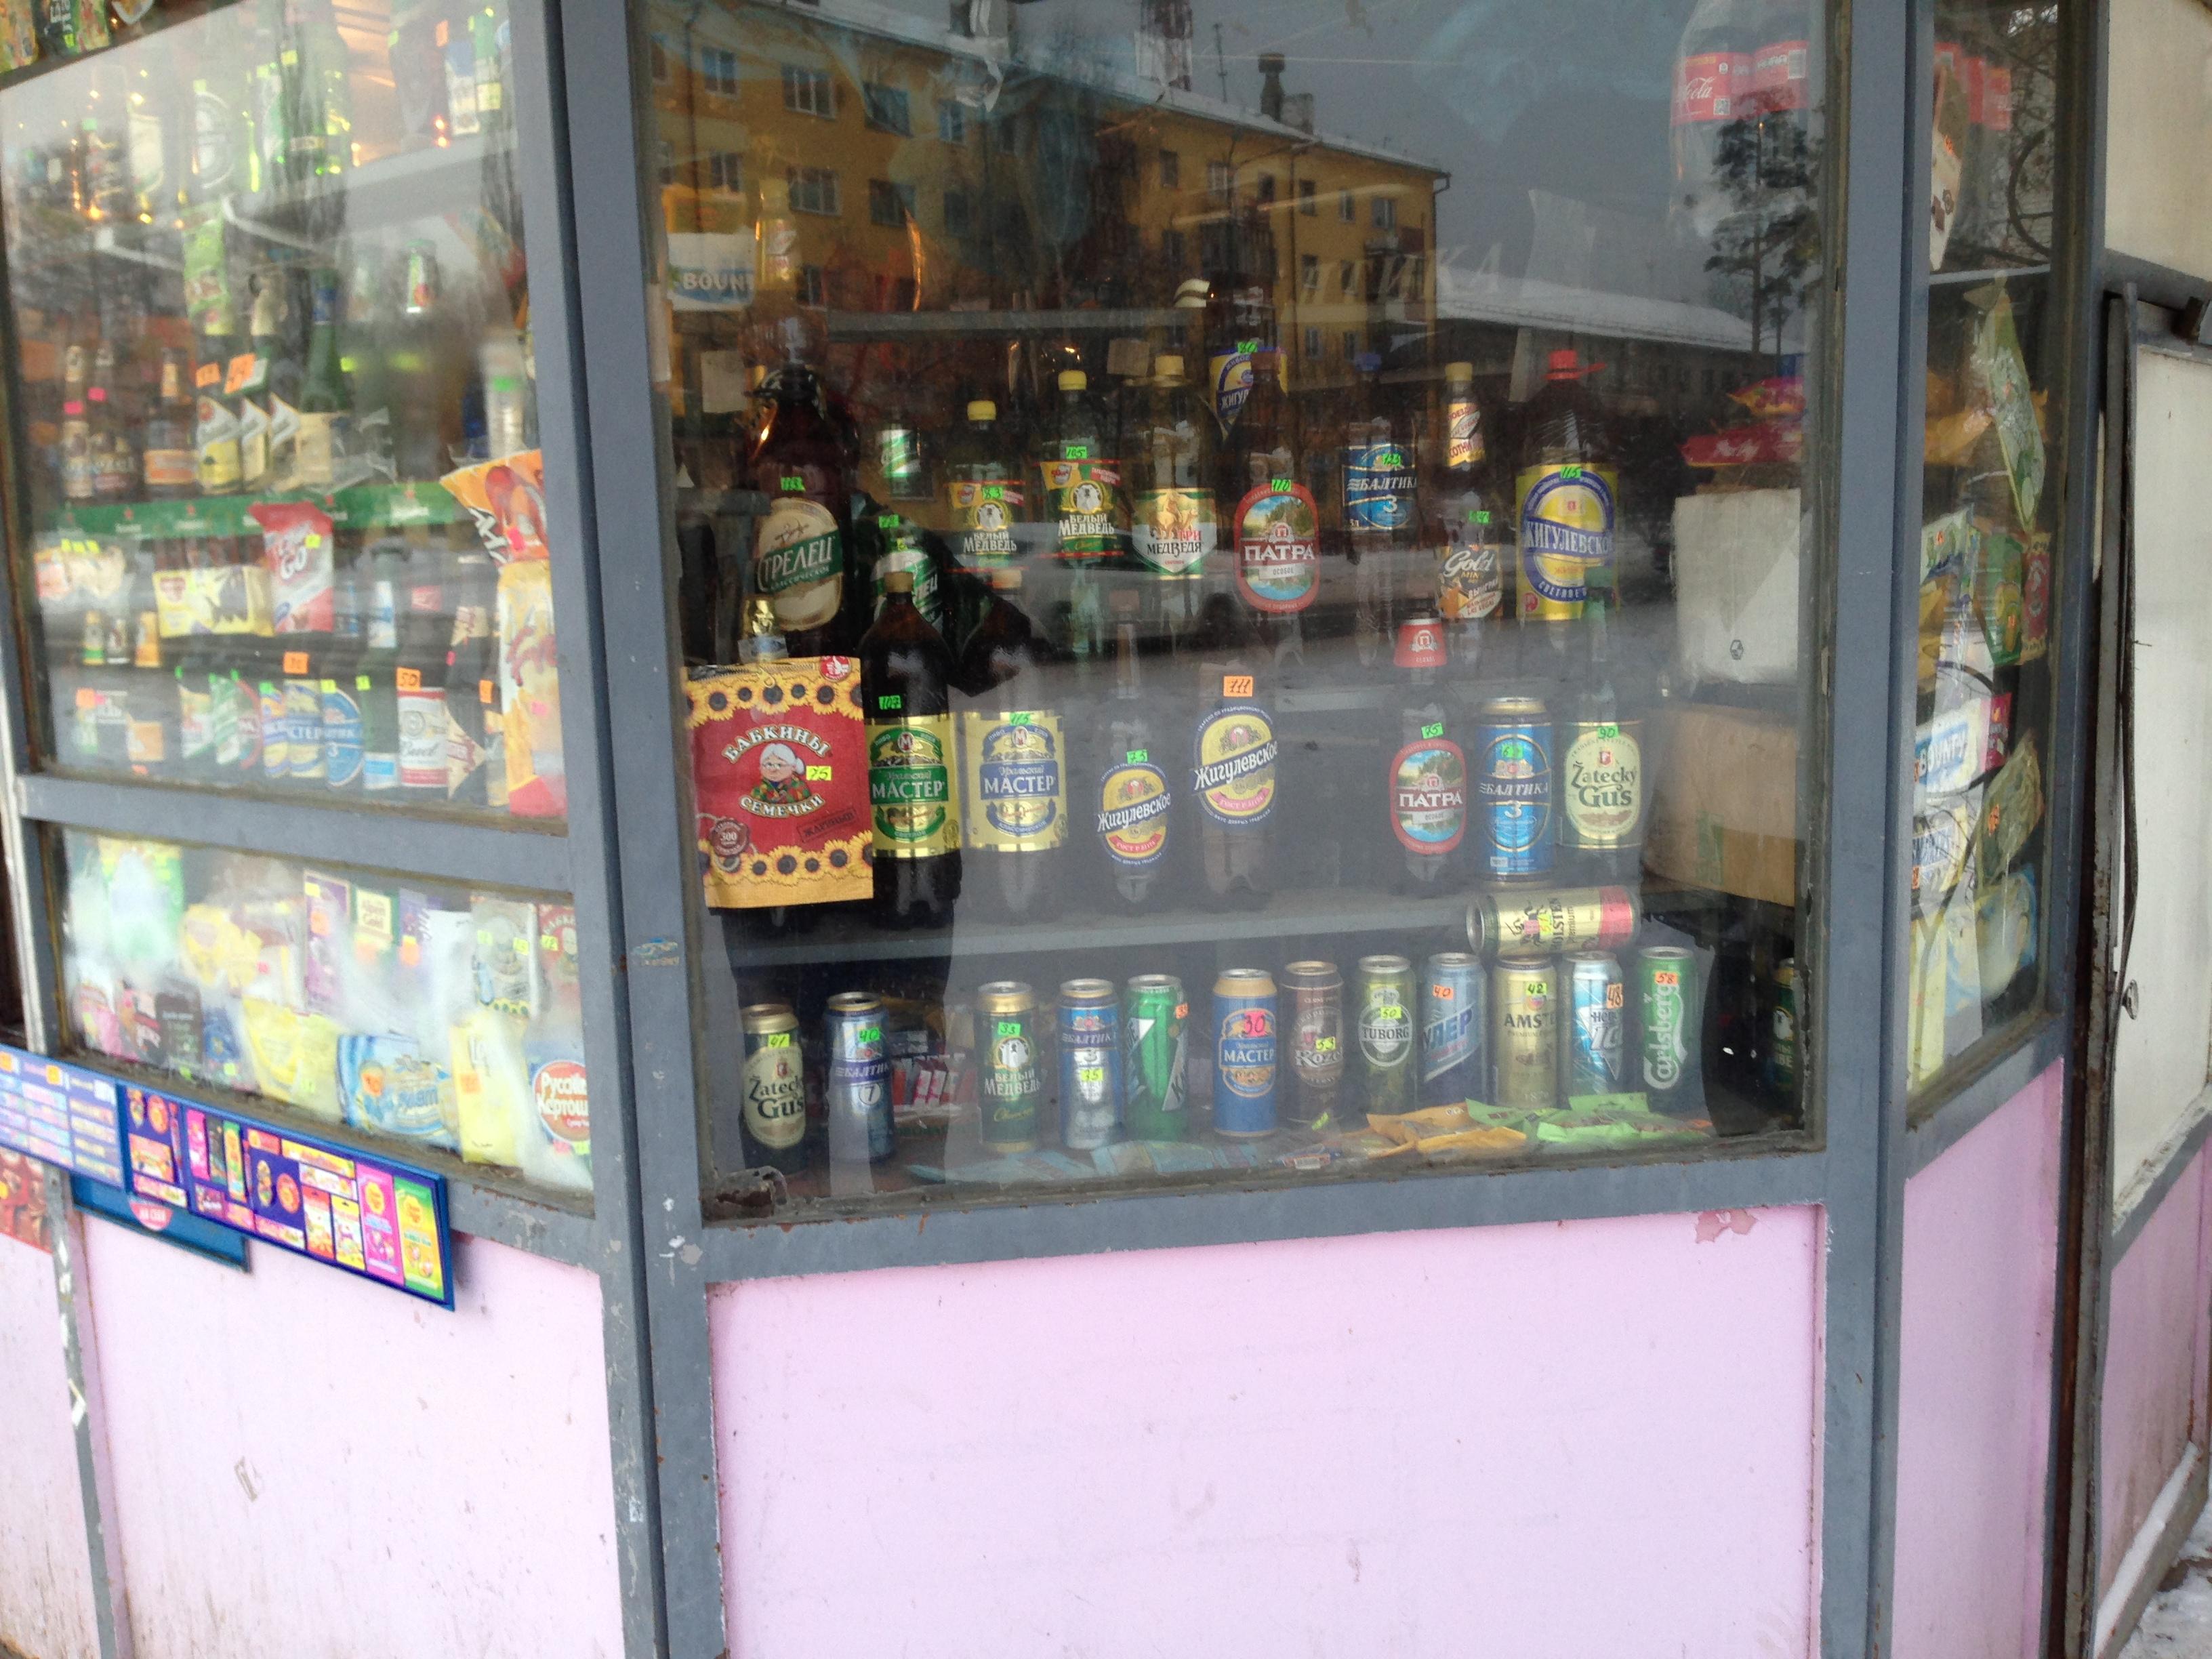 Закон суров: пиво в киосках продавать нельзя, но купить можно